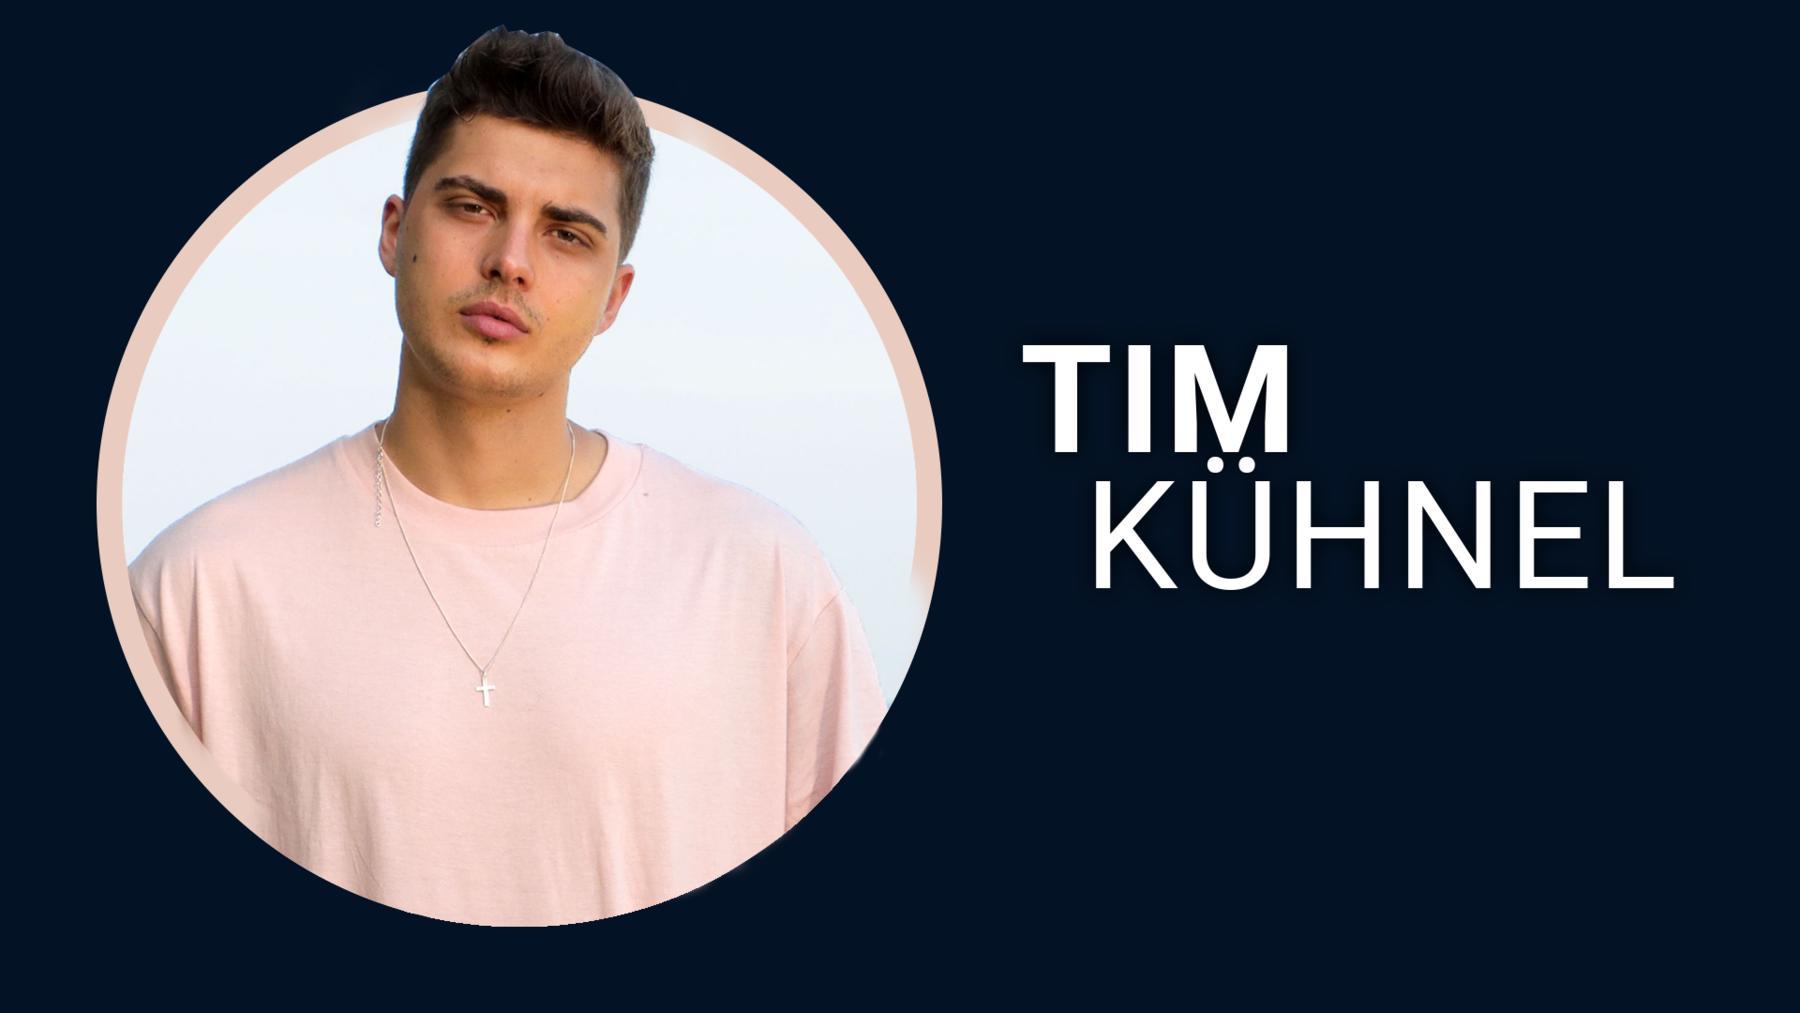 Tim Kühnel